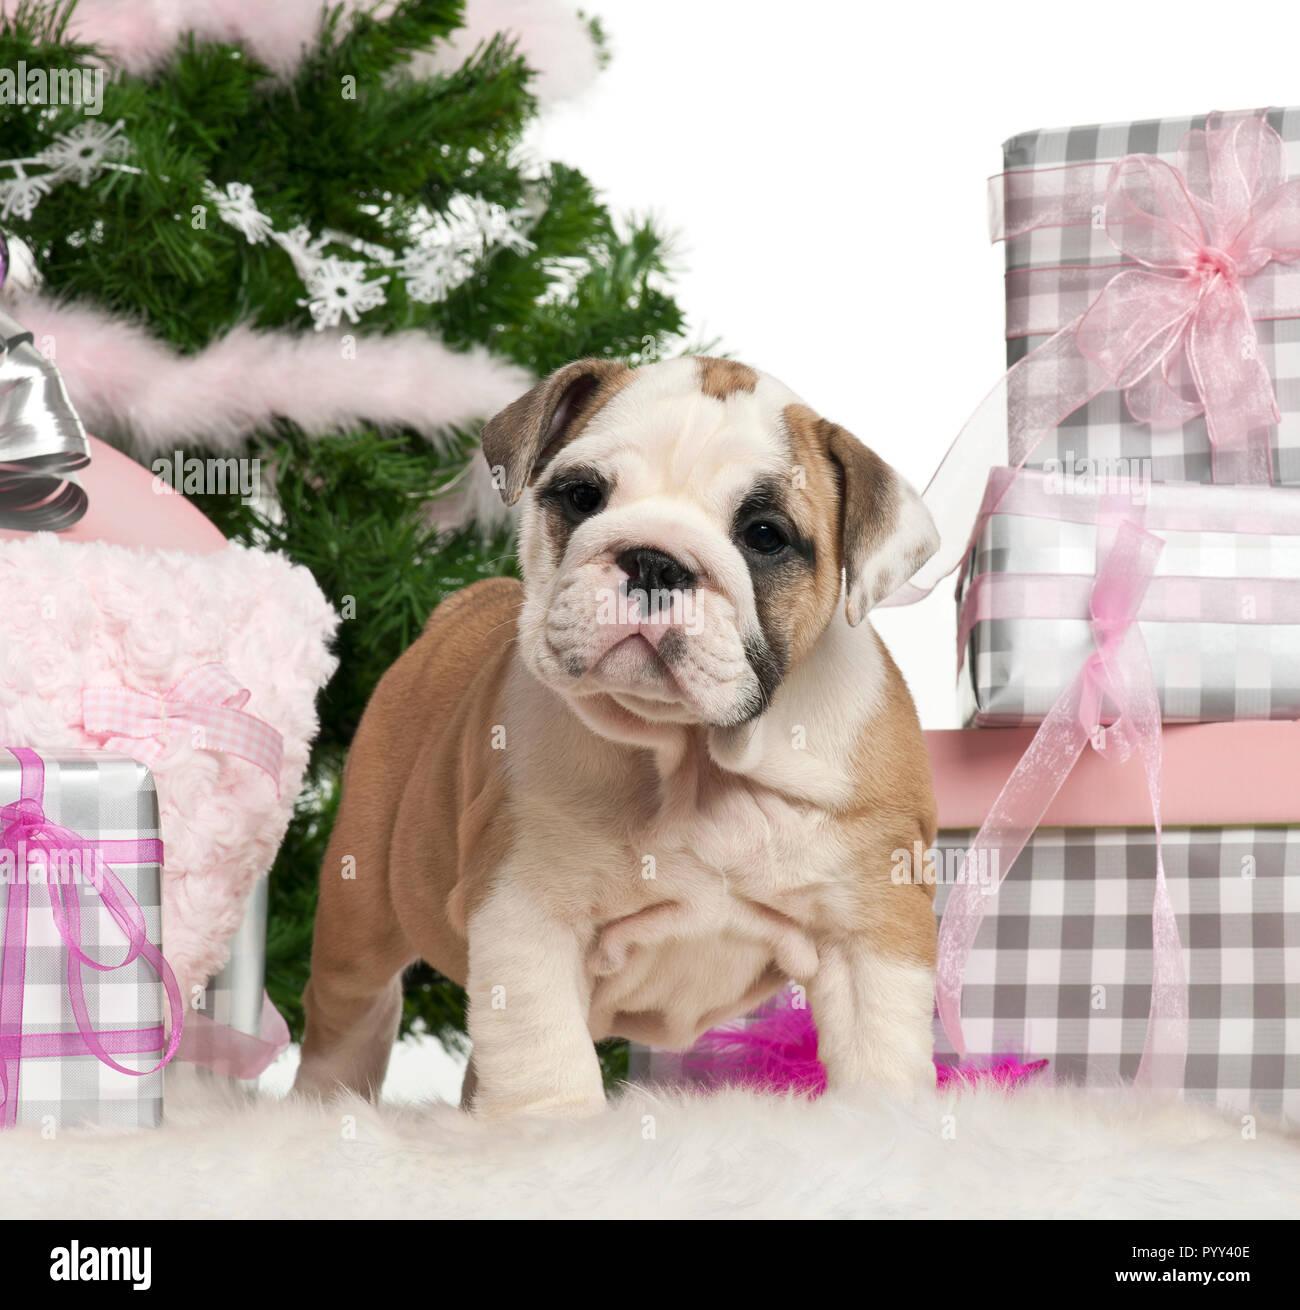 Regali Di Natale Inglese.Bulldog Inglese Cucciolo 2 Mesi Di Eta Con I Regali Di